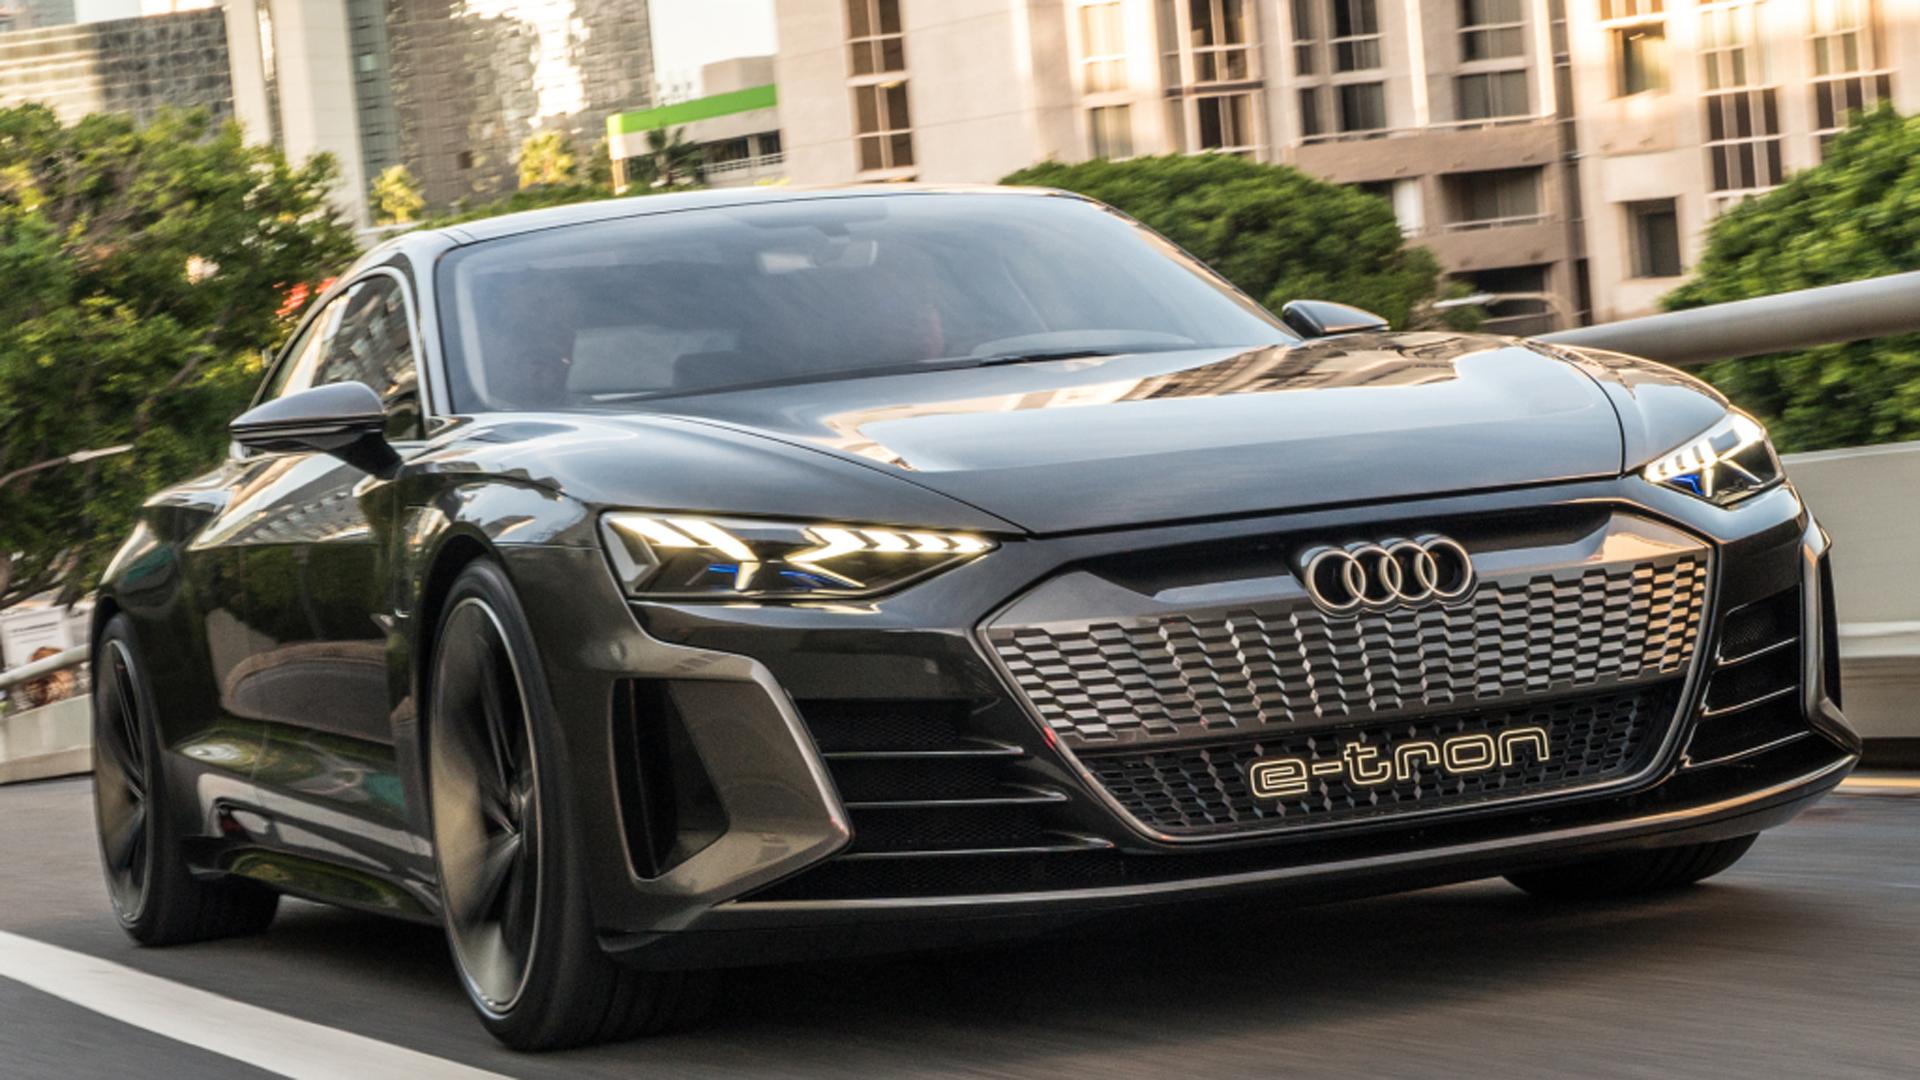 Ecológico Y 100 Eléctrico Así Es El Audi Ecológico Que